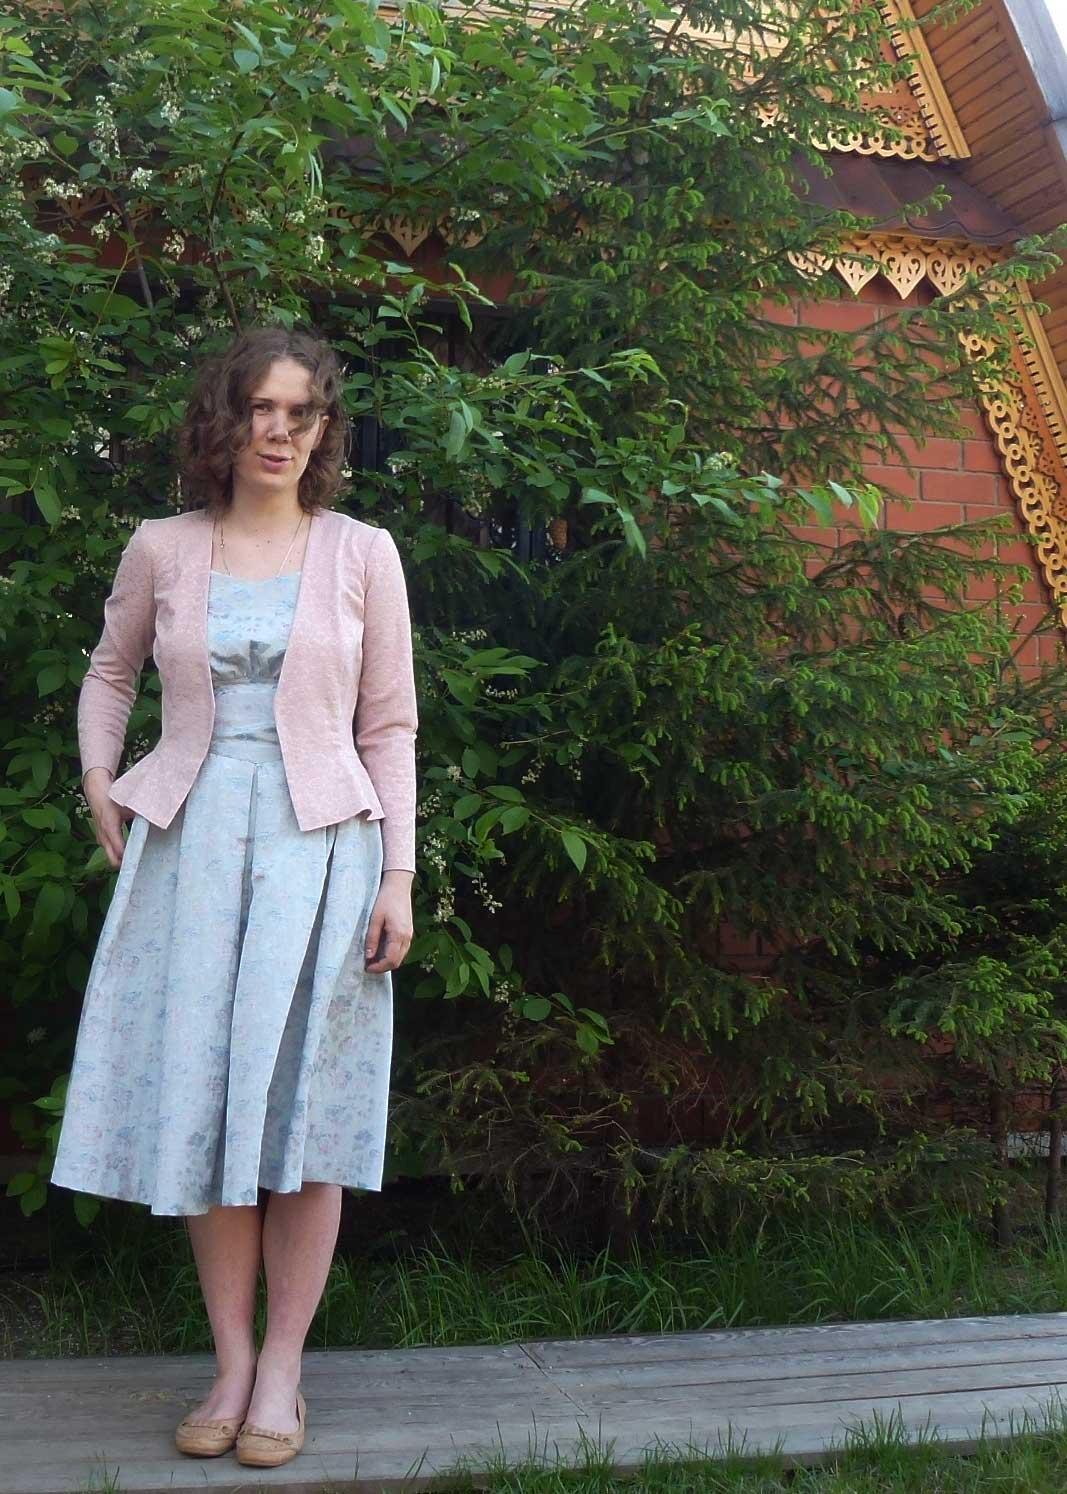 МК платье-трансформер / как сшить платье трансформер 69